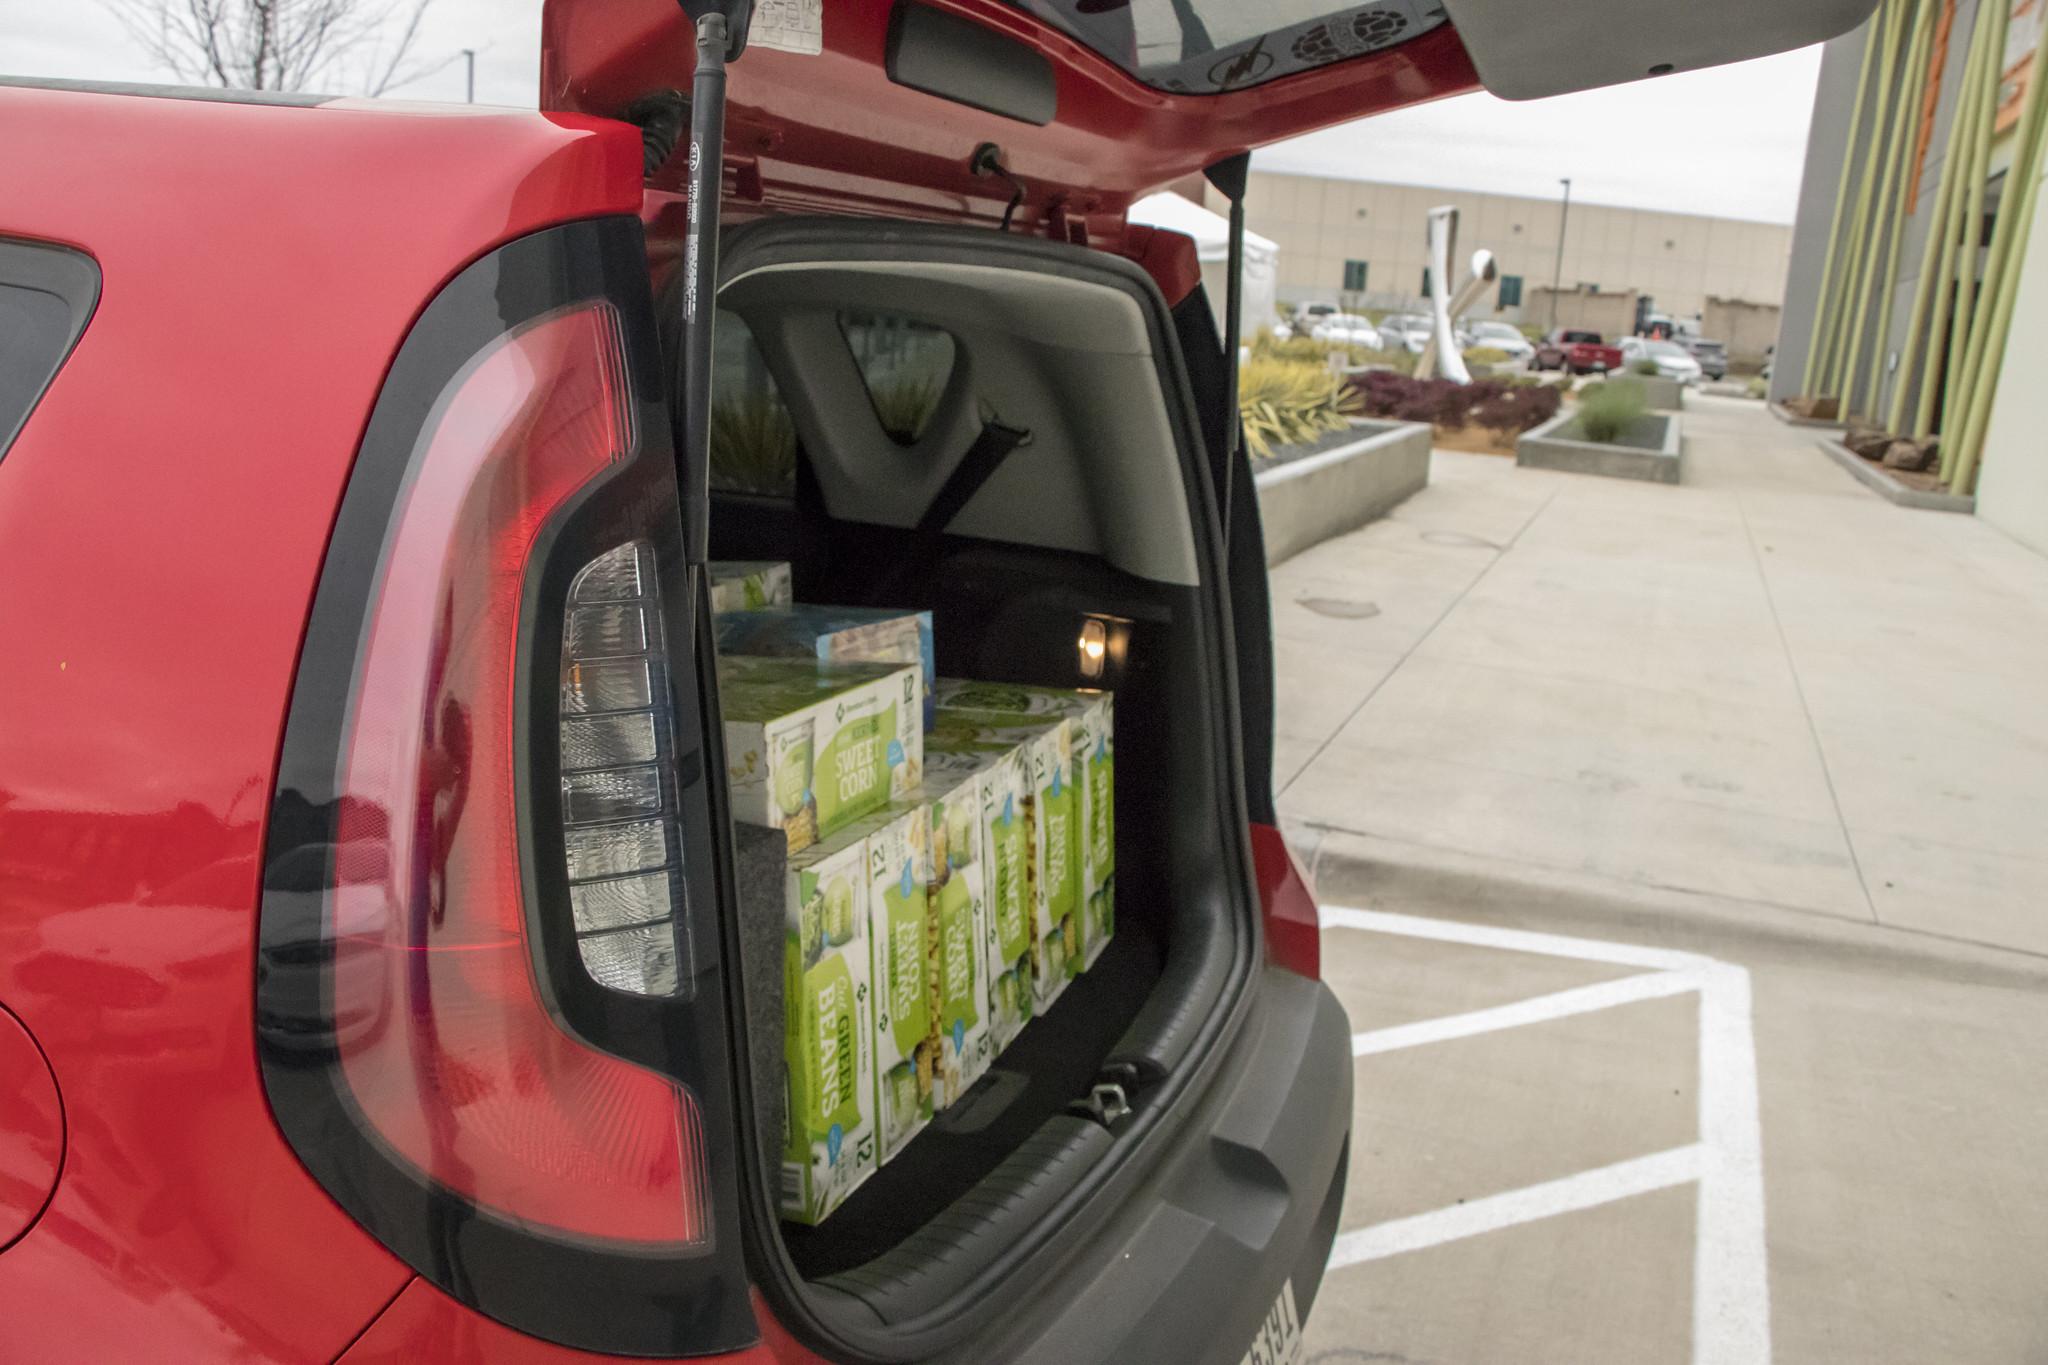 2020-03 - LAN - 09 - Food Drive - 00010